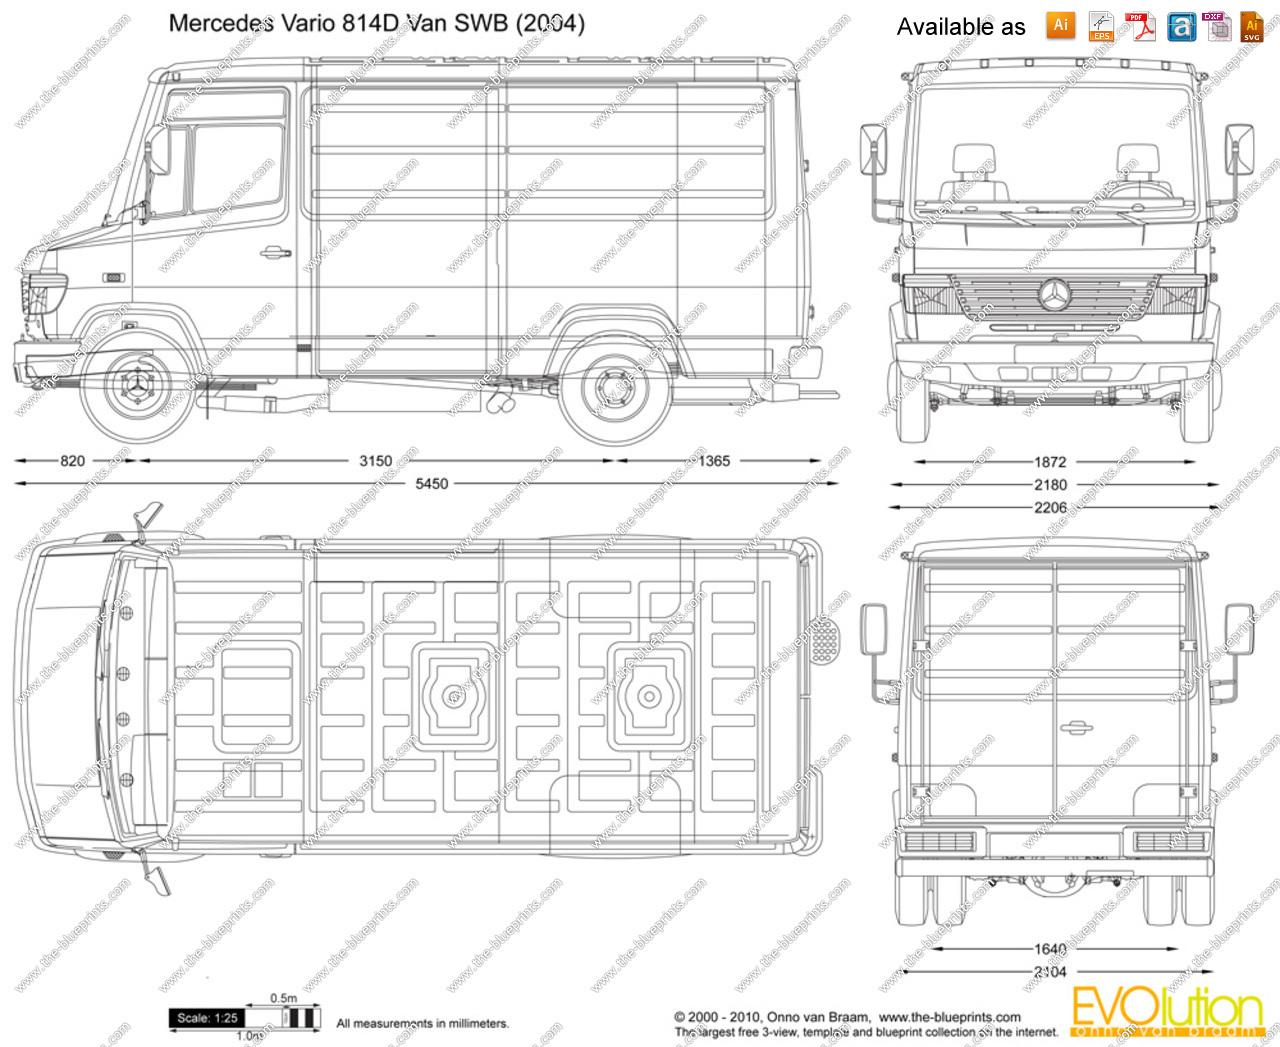 Mercedes vario 814d dimensions